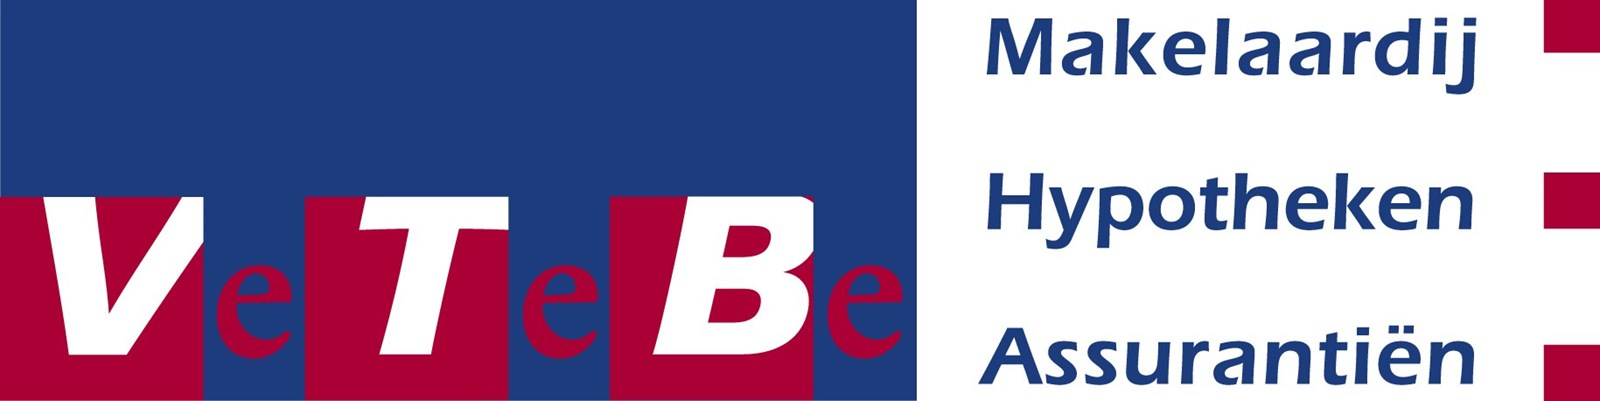 Logo van Vetebe B.V.